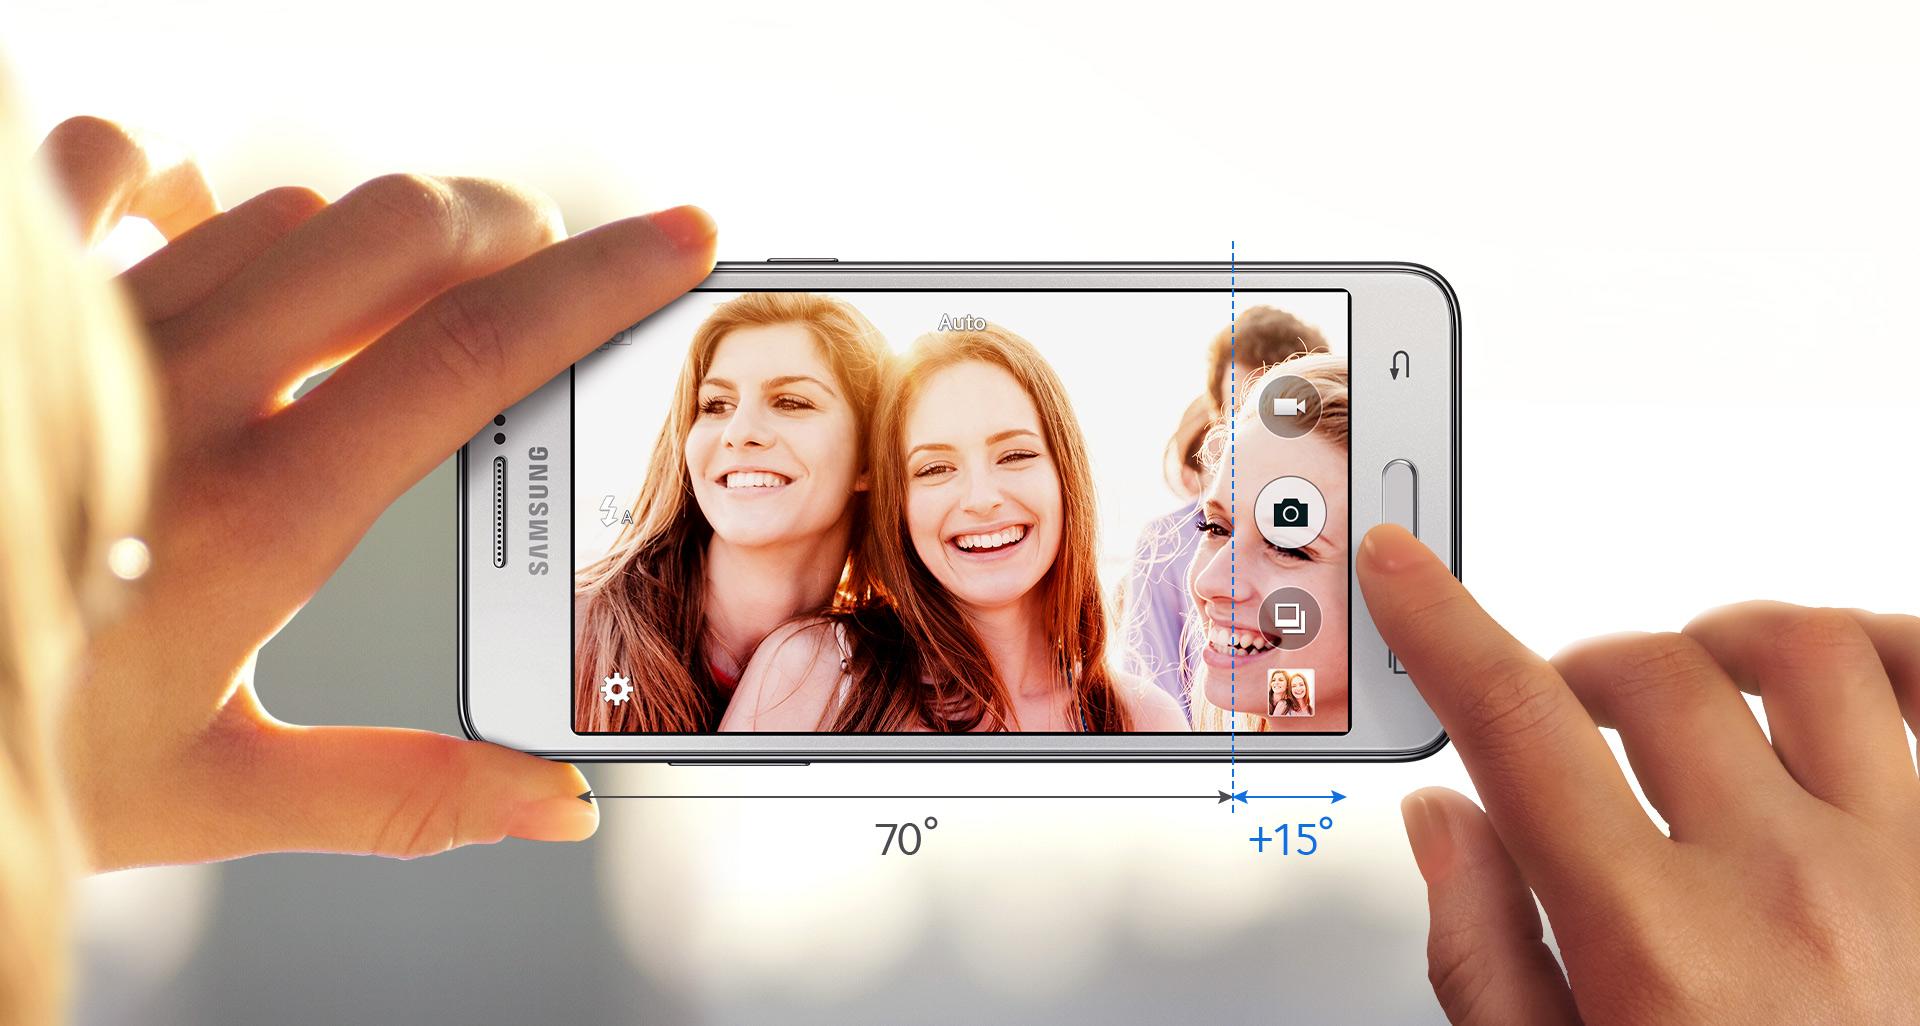 Купить Смартфон Samsung Galaxy Grand Prime VE Duos (Gold), Самсунг гэлакси град прайм ве Дуос SM-G531HZDDSER в Москве с доставко